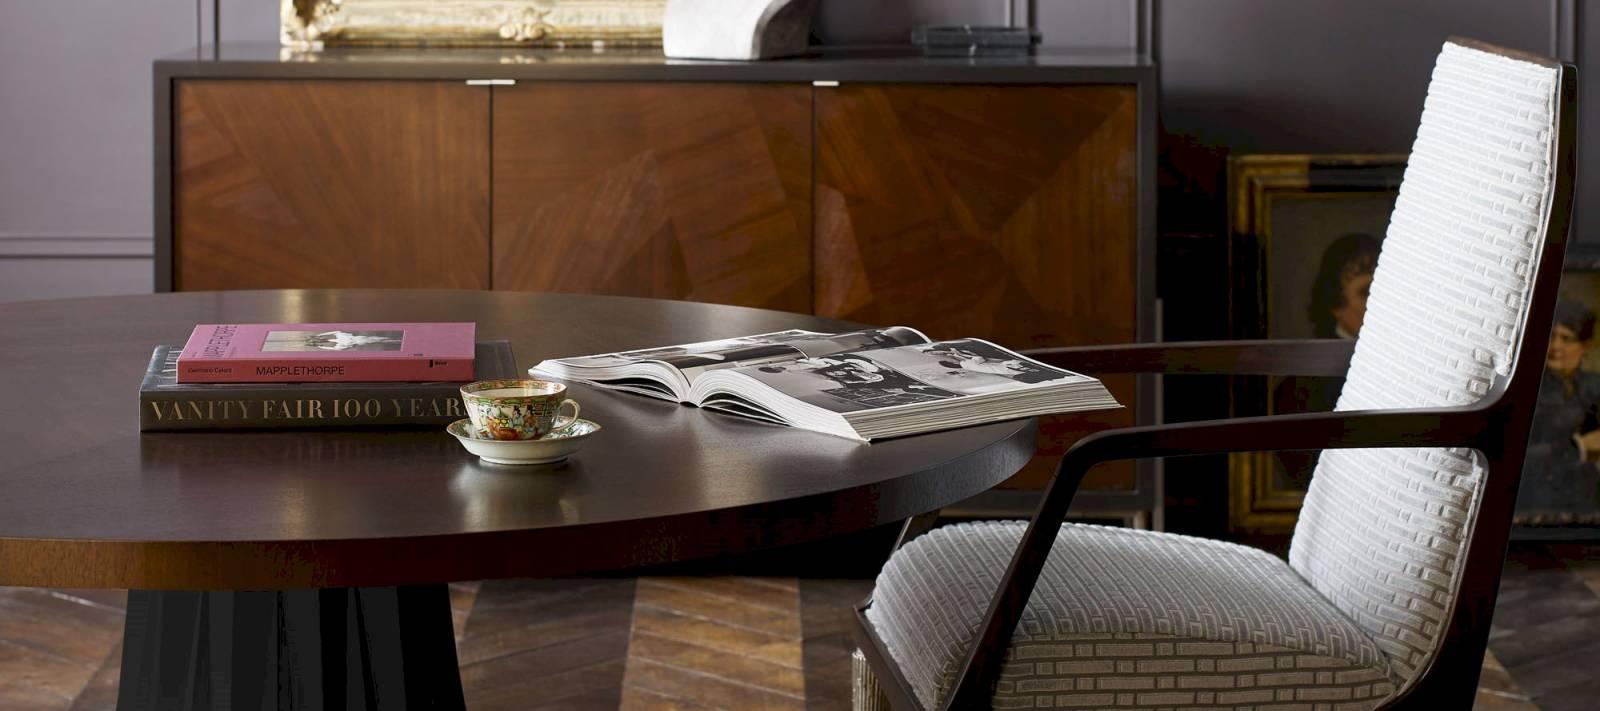 tissus d 39 ameublement casamance couture d 39 ameublement sur mesure sud de la france l 39 atelier. Black Bedroom Furniture Sets. Home Design Ideas